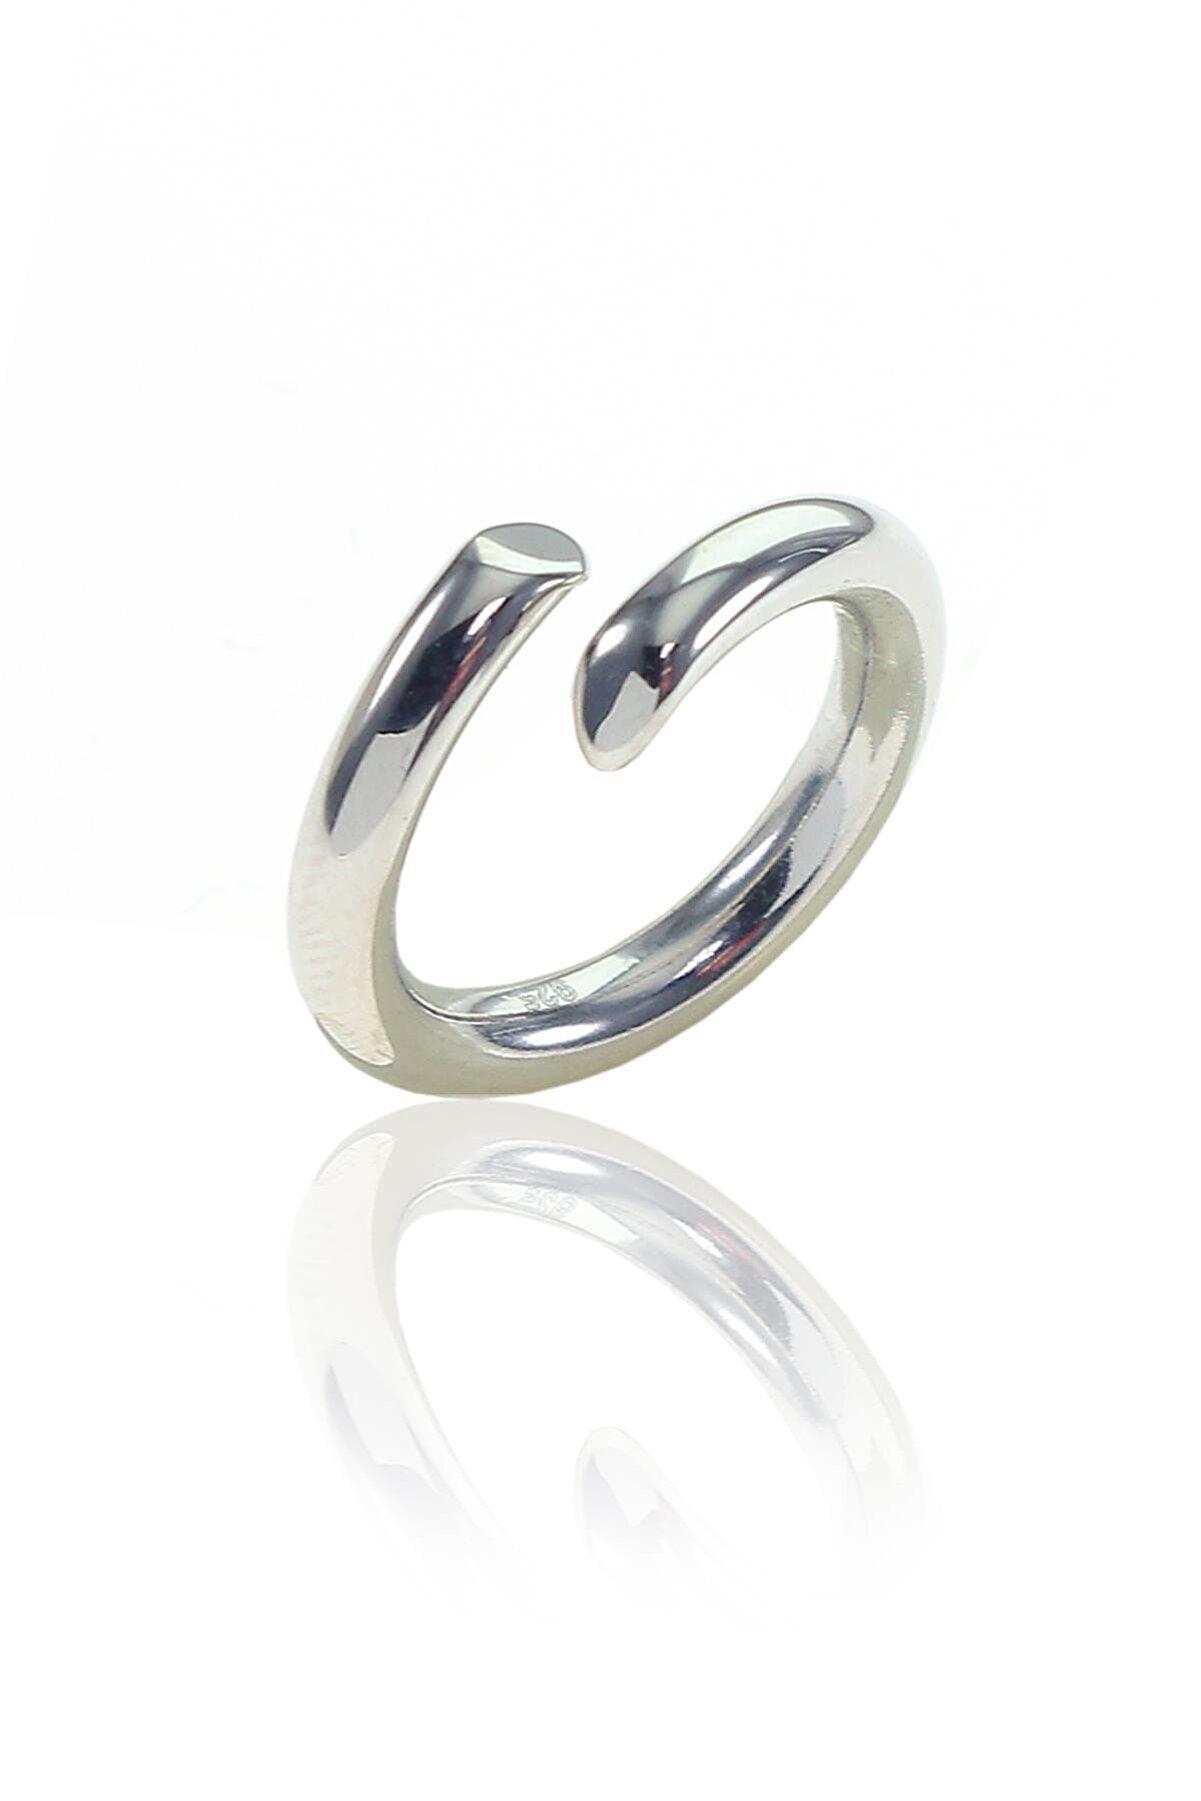 Söğütlü Silver Gümüş Rodajlı Ayarlamalı Şarnel Yüzük